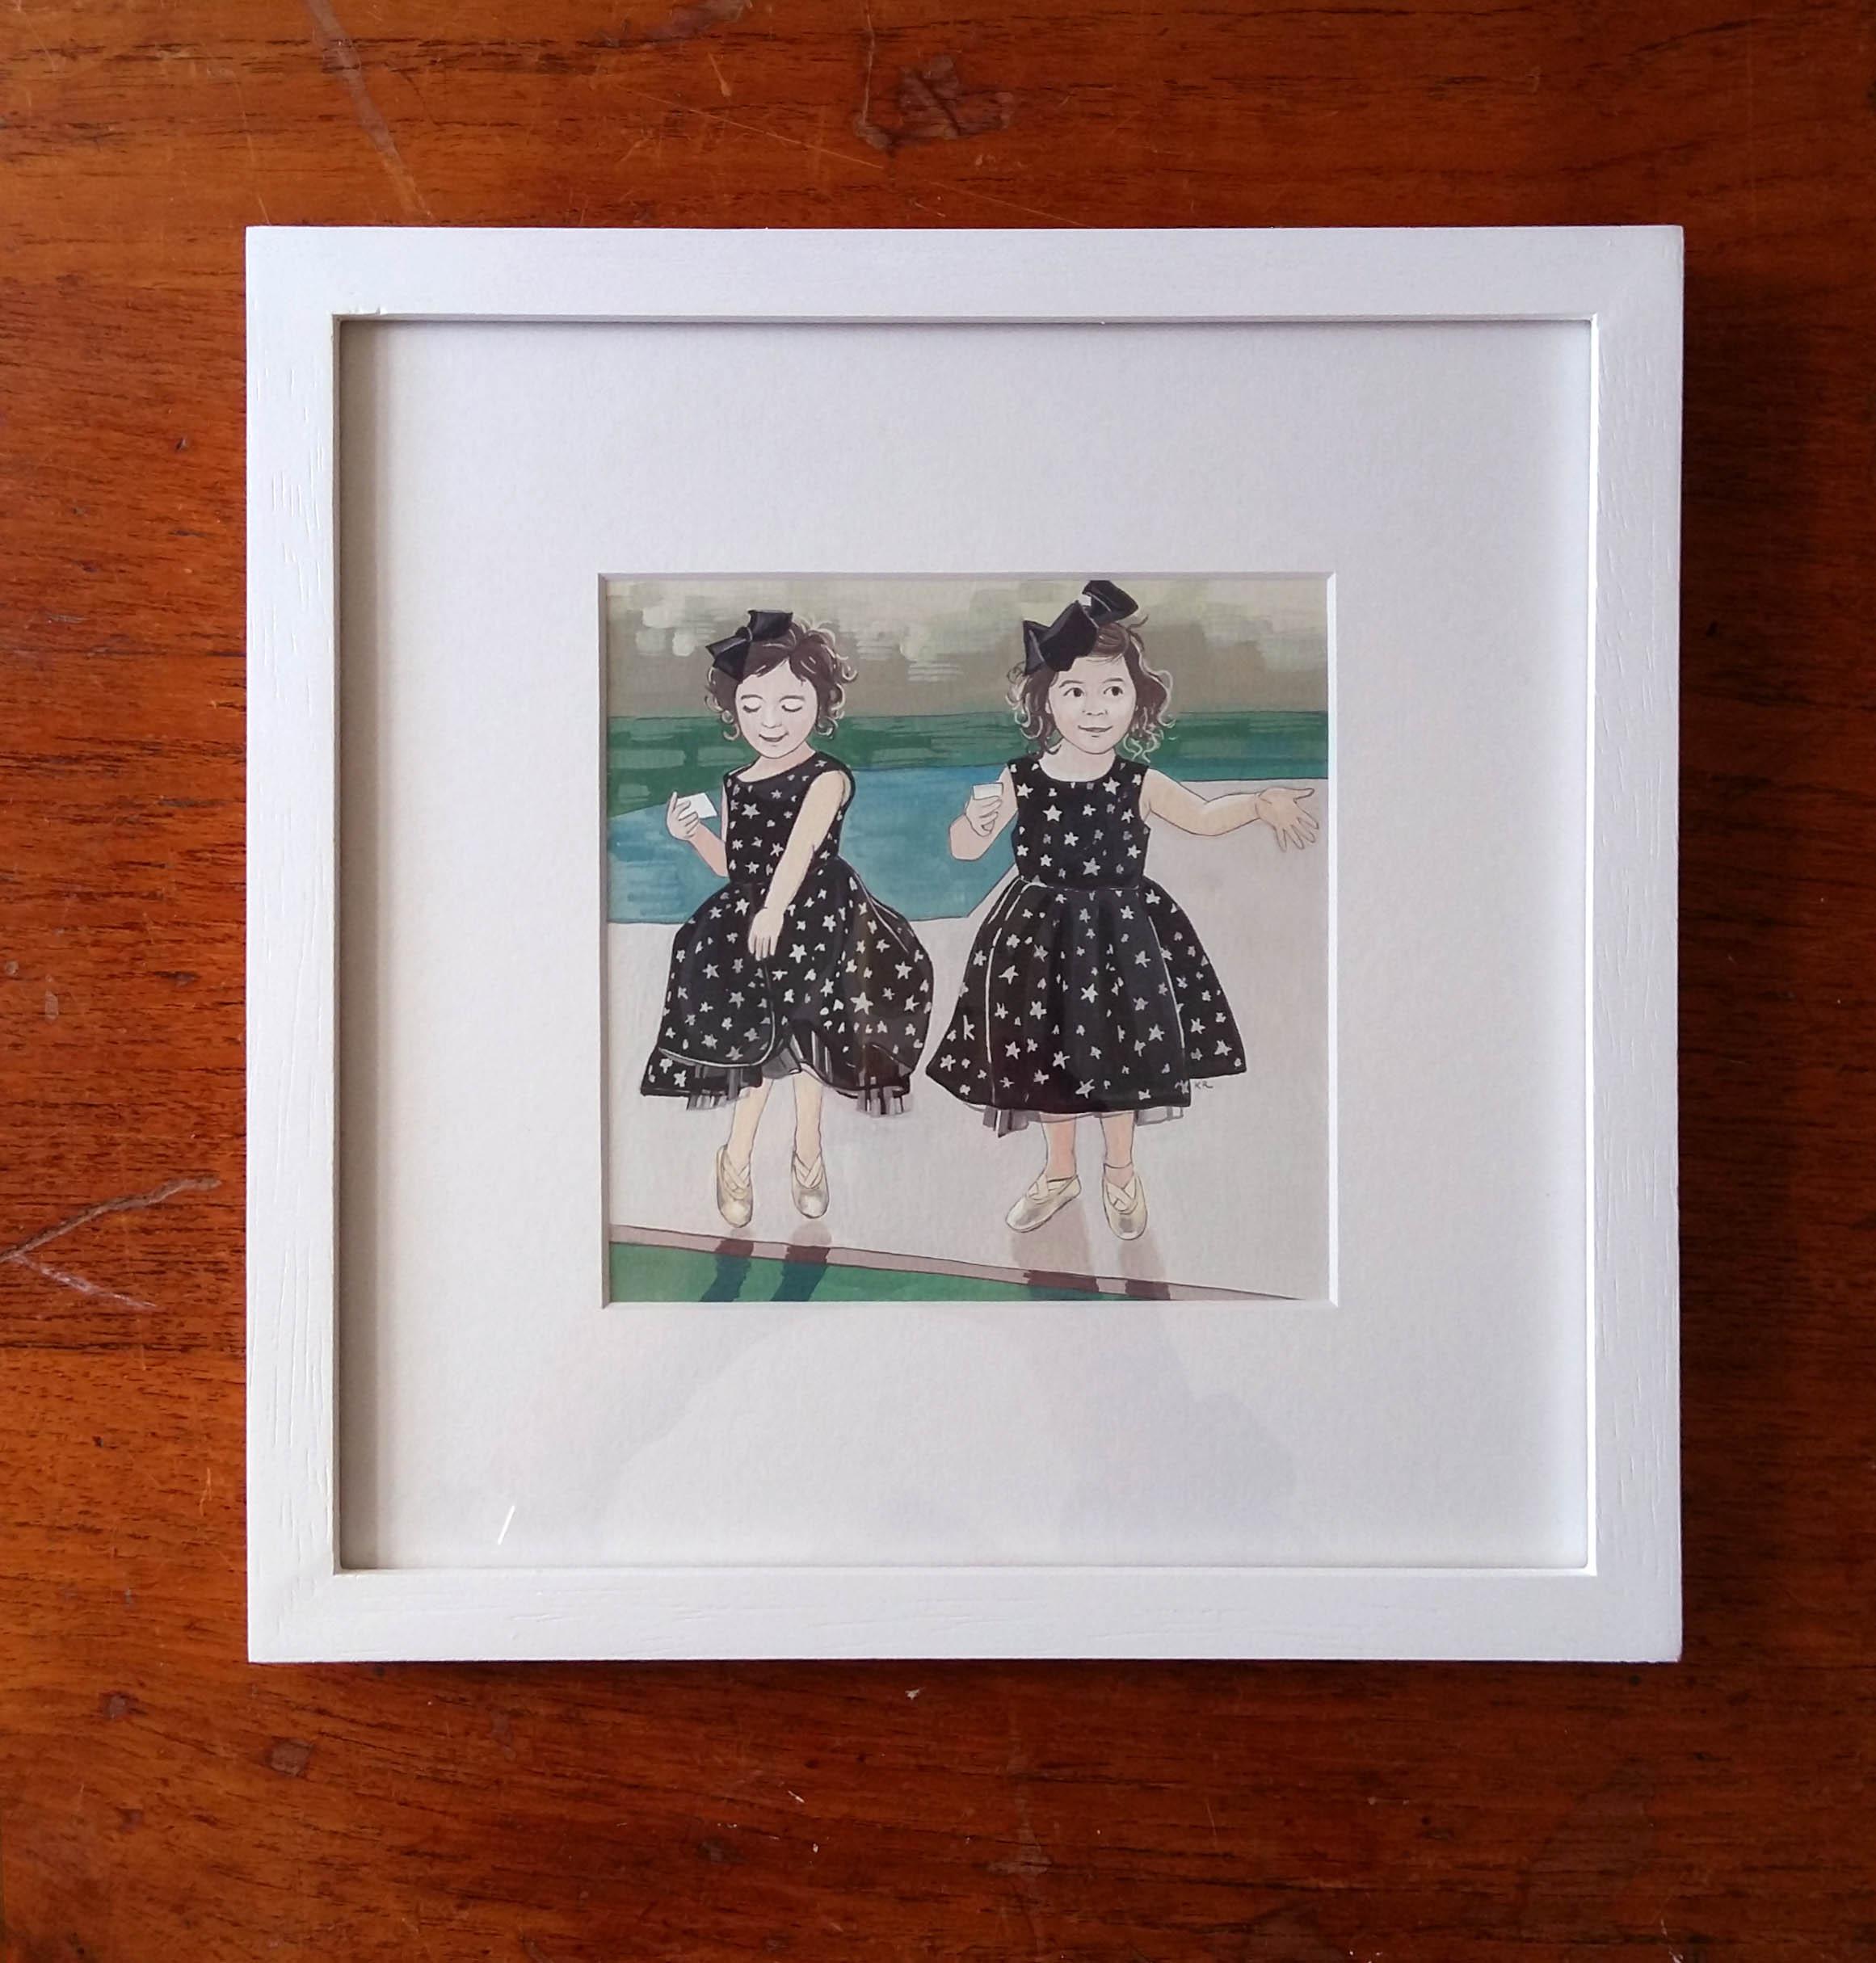 FRAMED Custom Childrens Portrait - Hand Painted